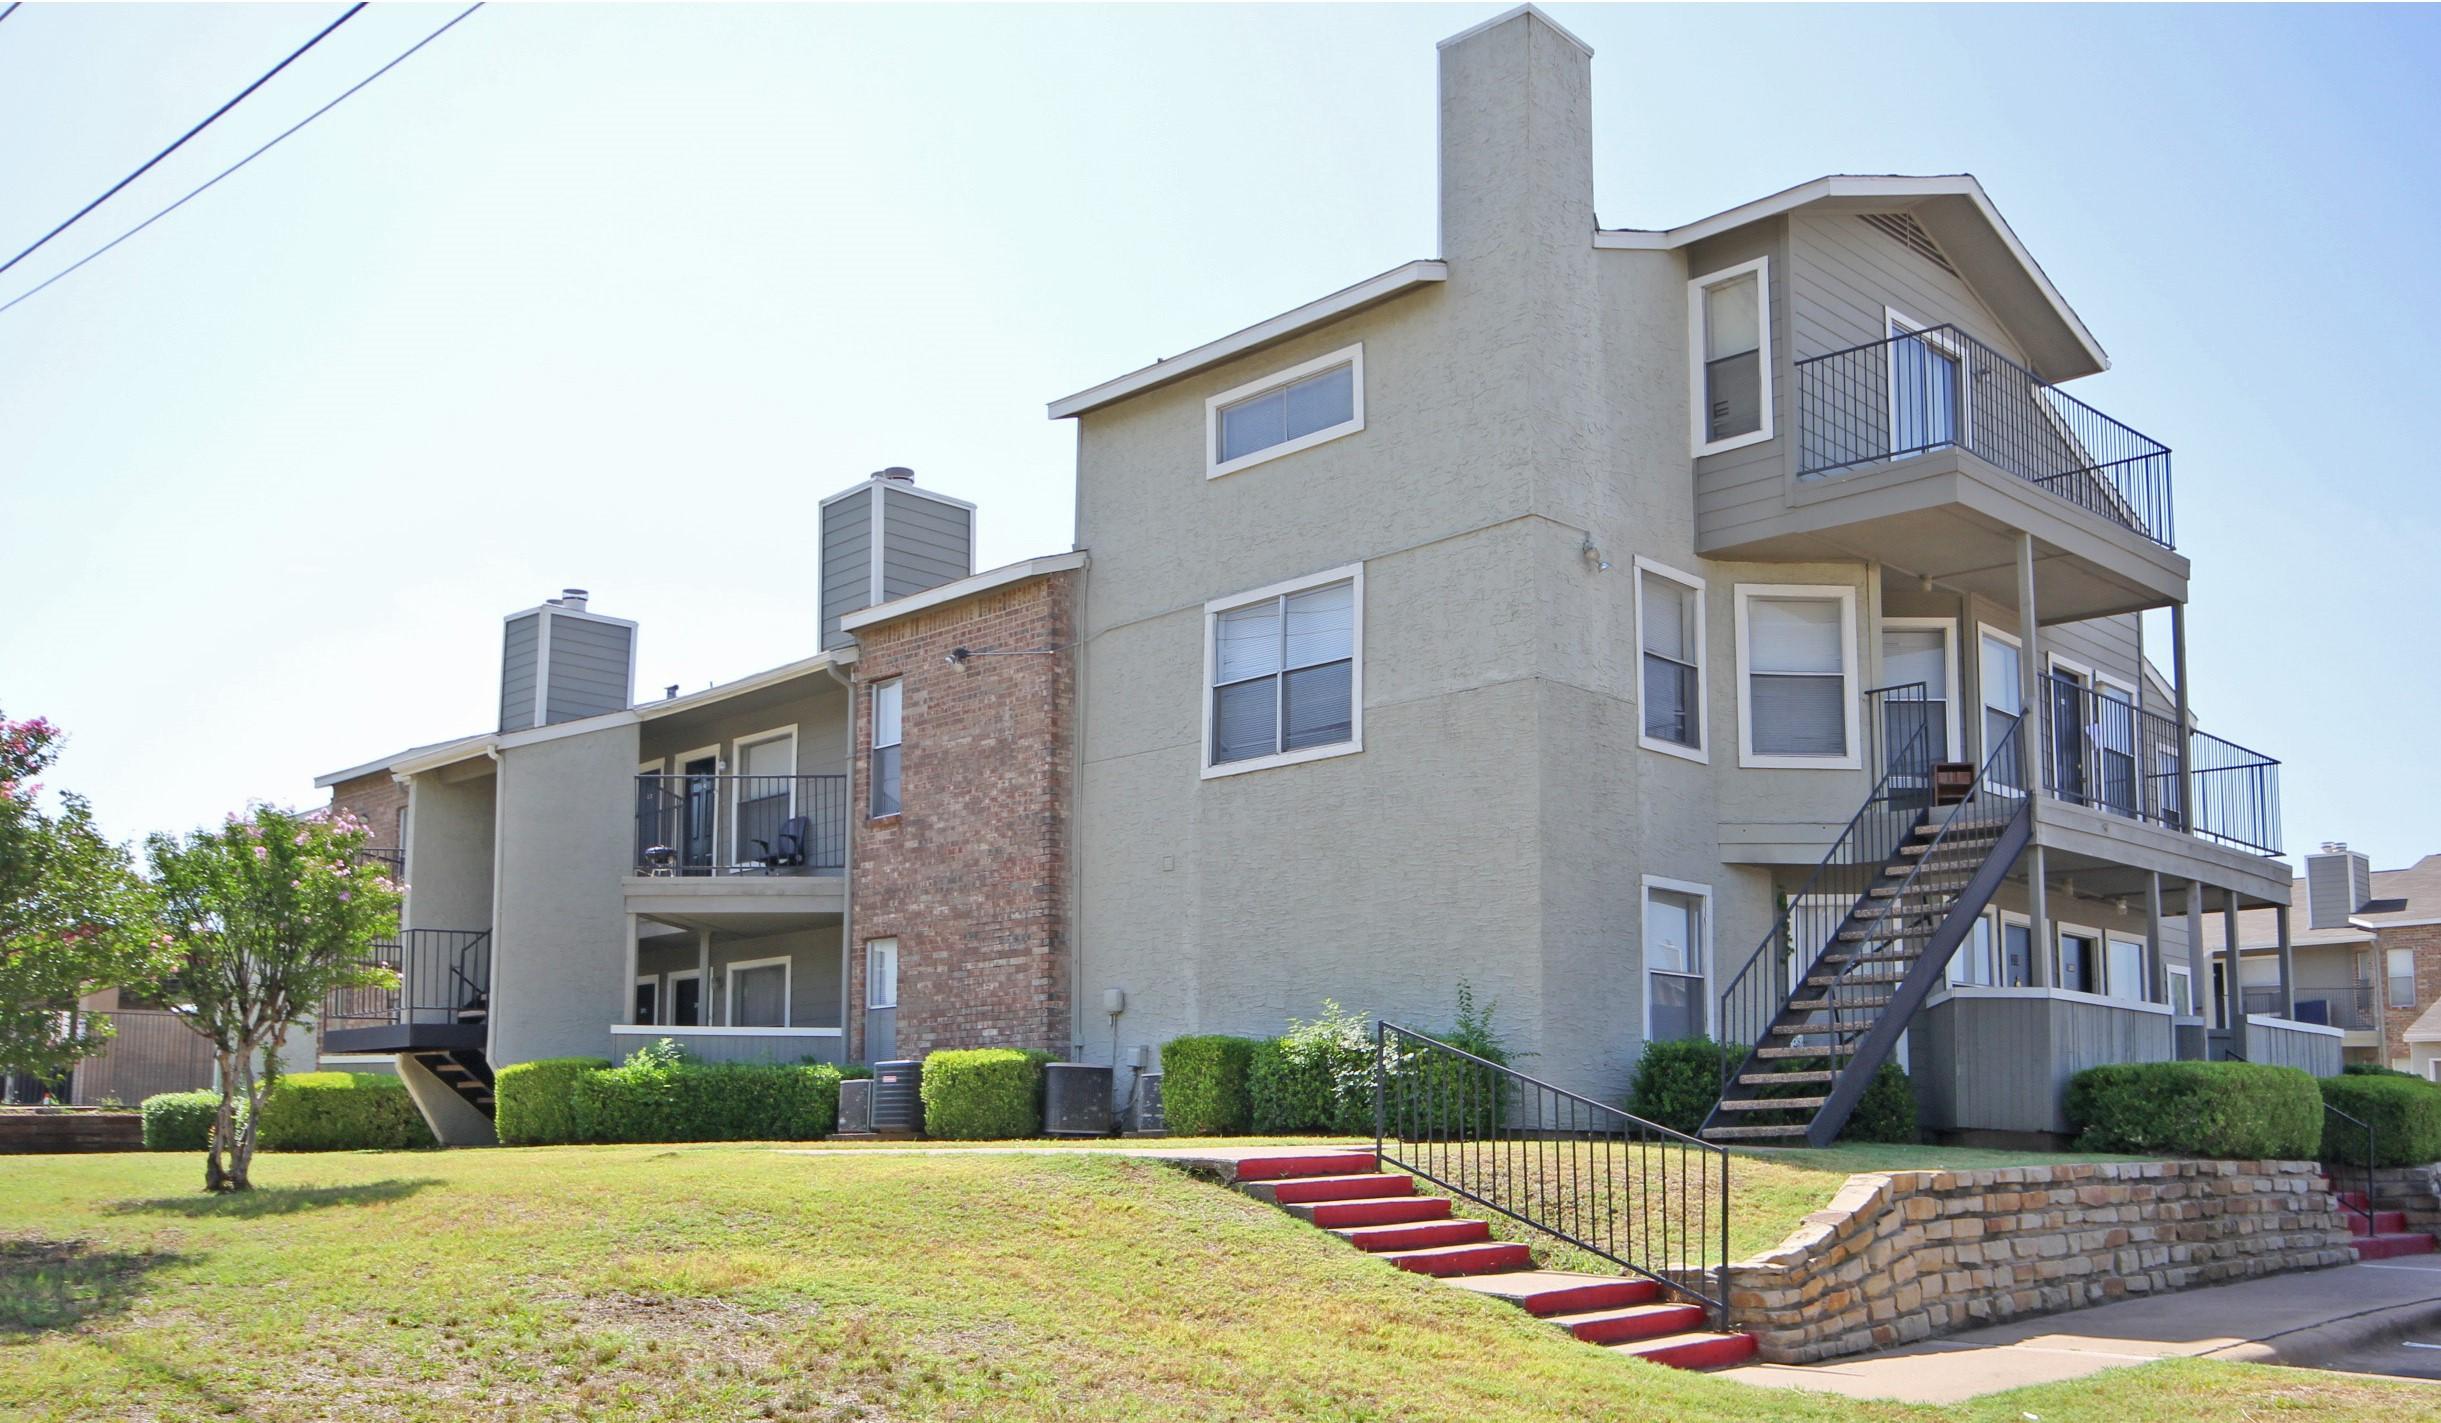 Pet-Friendly Apartments at Quail Ridge Apartments in Grand Prairie, Texas